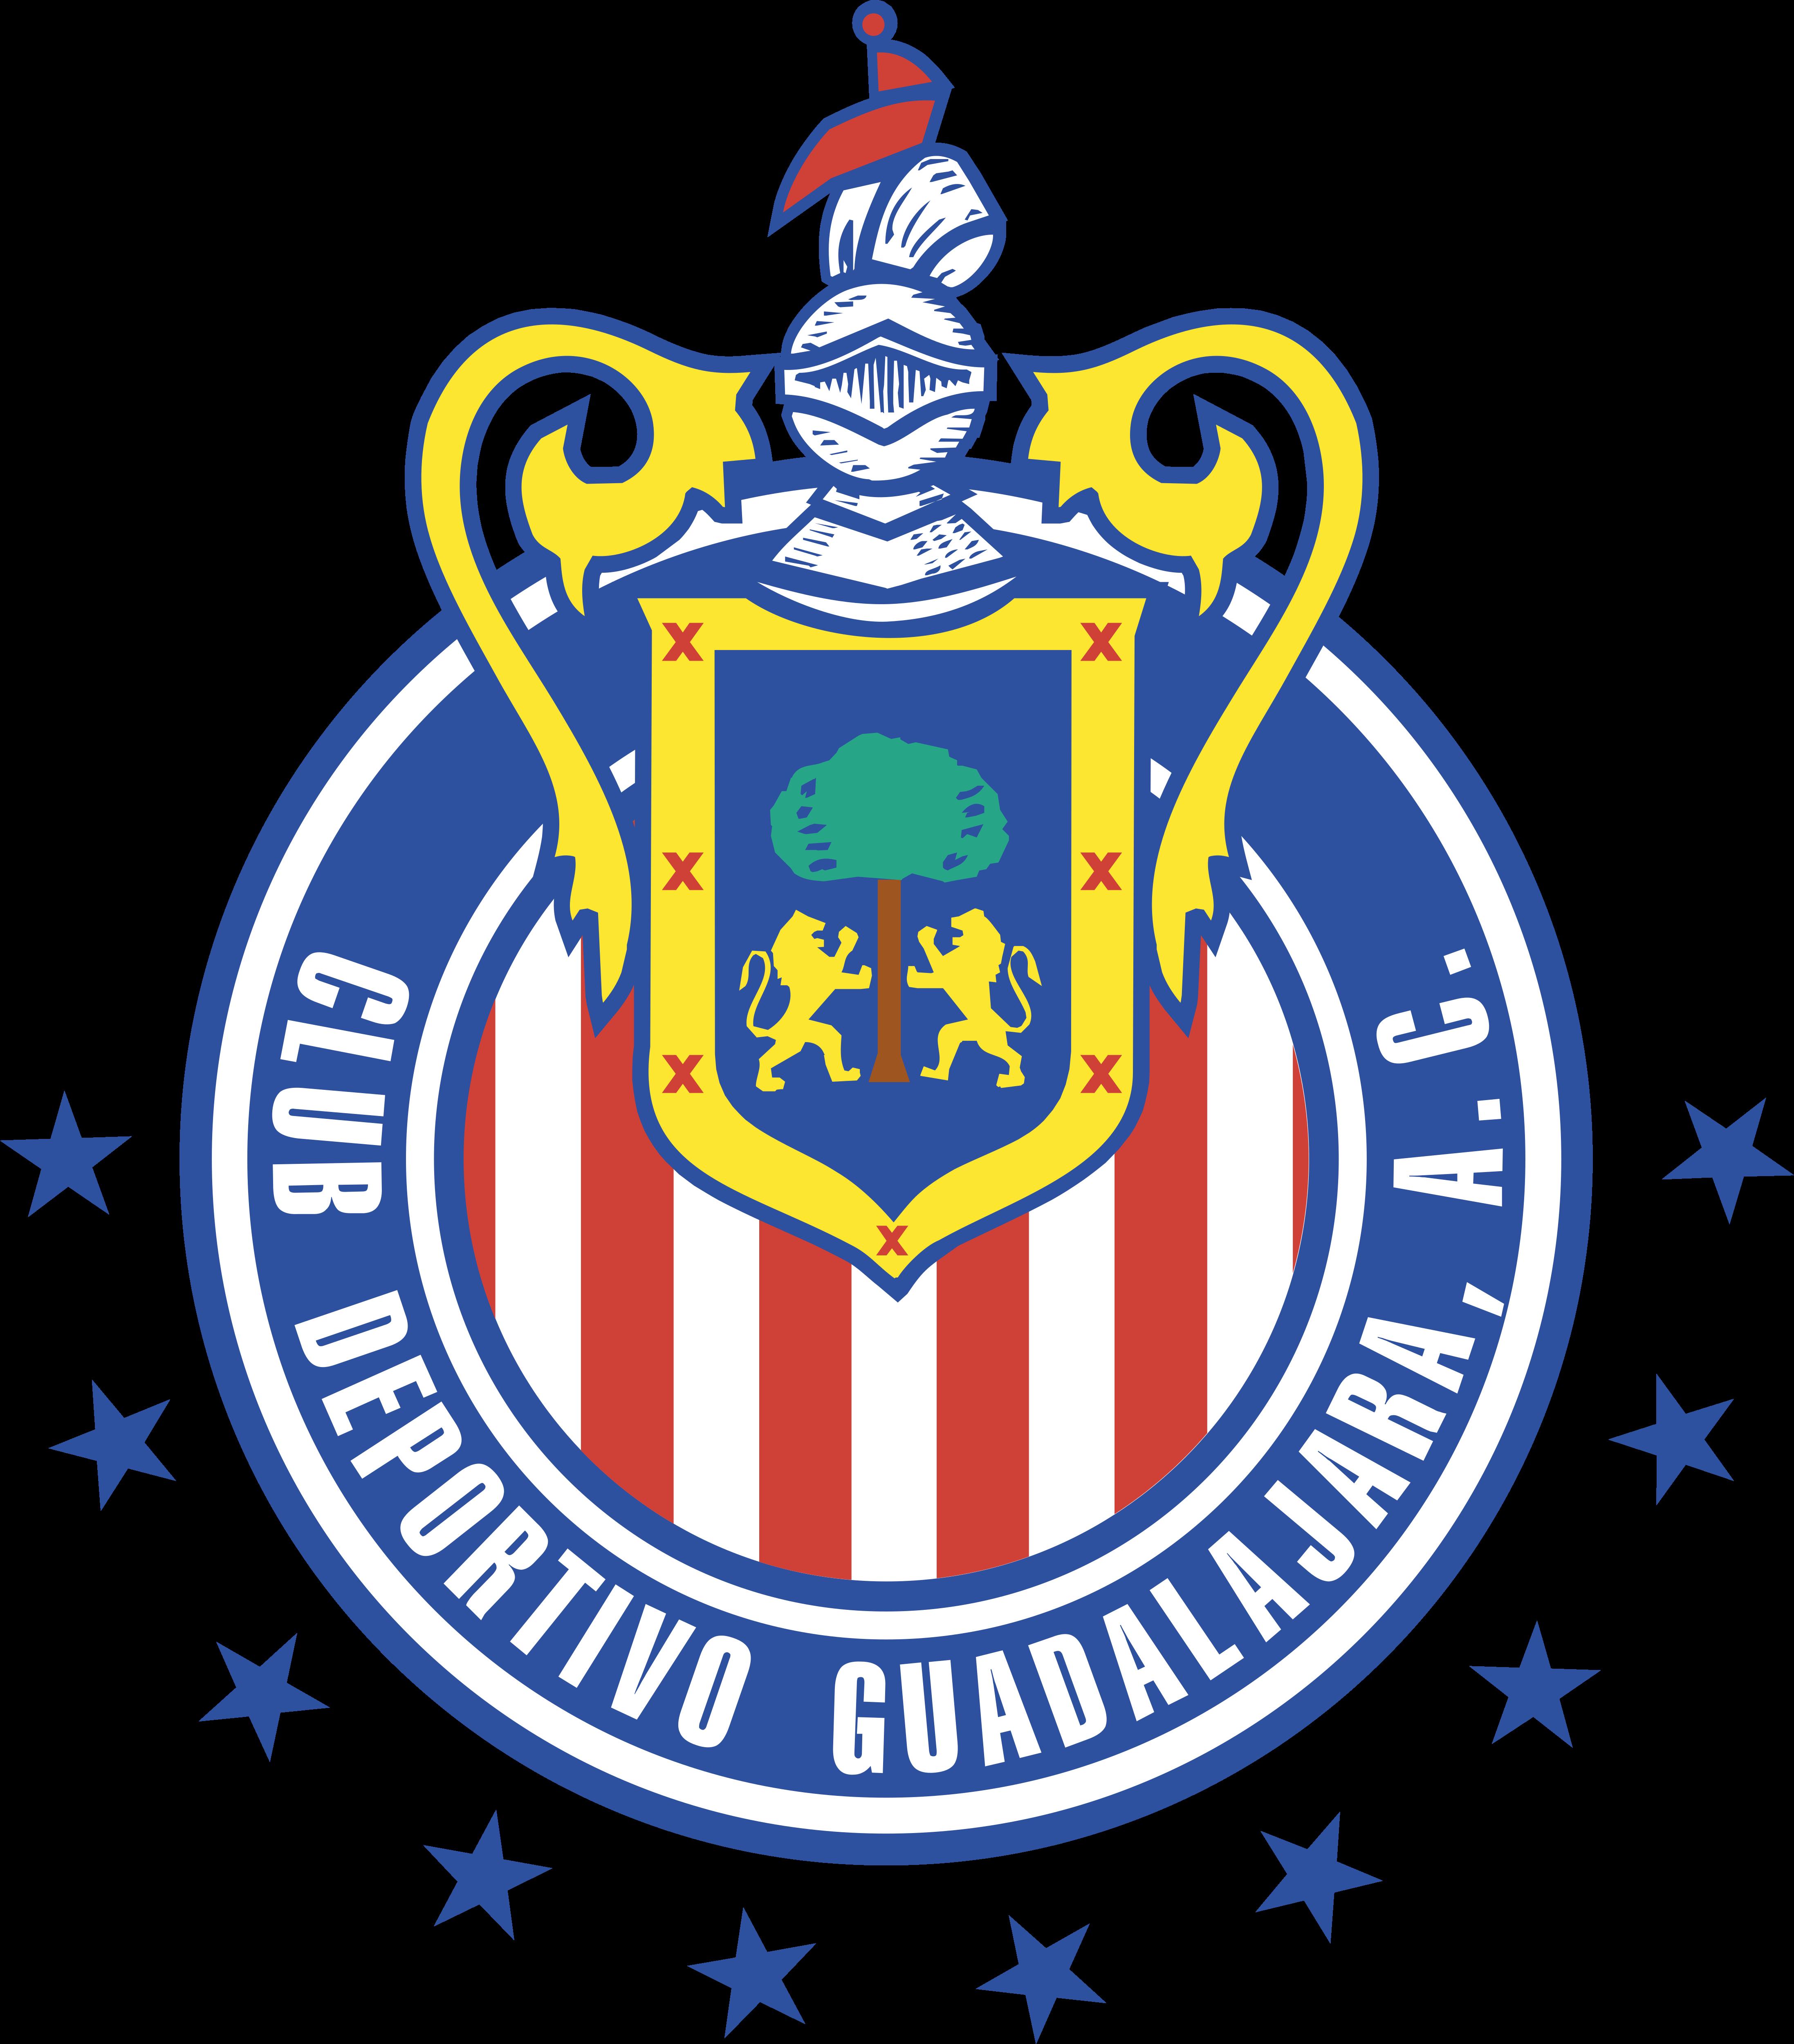 Chivas Guadalajara Logos Download